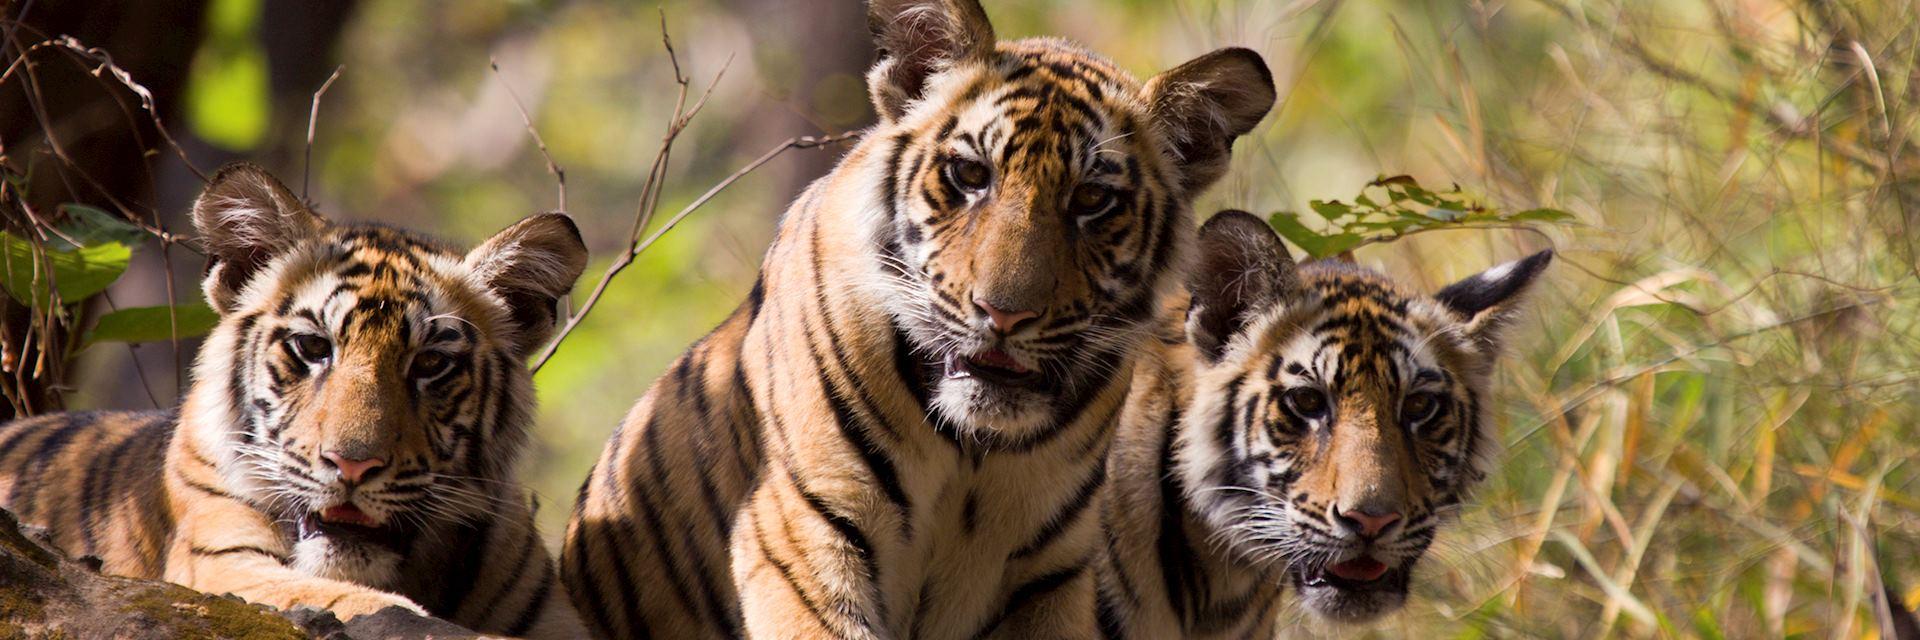 Tiger in Bandhavgarh National Park